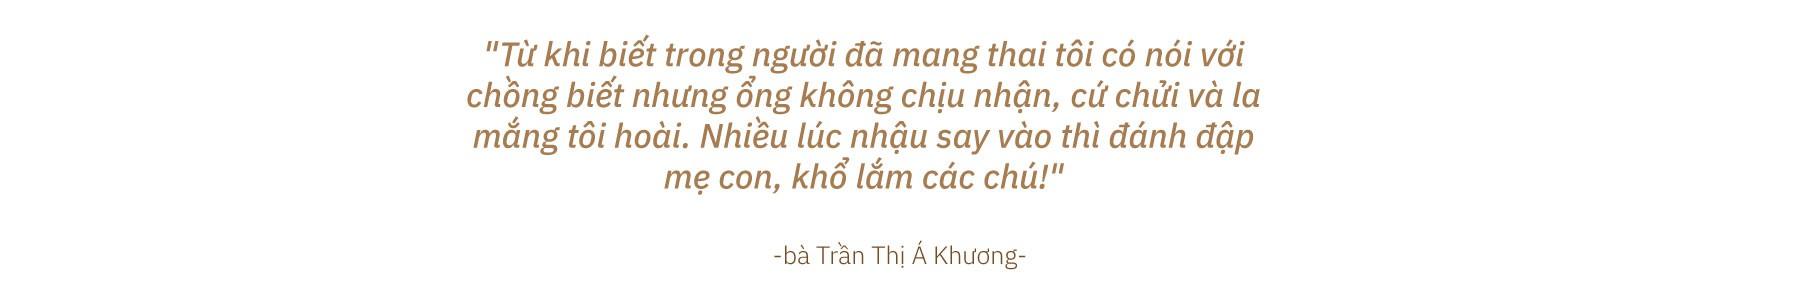 (eMagazine) - Cuộc đời khốn khổ của người mẹ chôn sống con ở Bình Thuận - Ảnh 4.